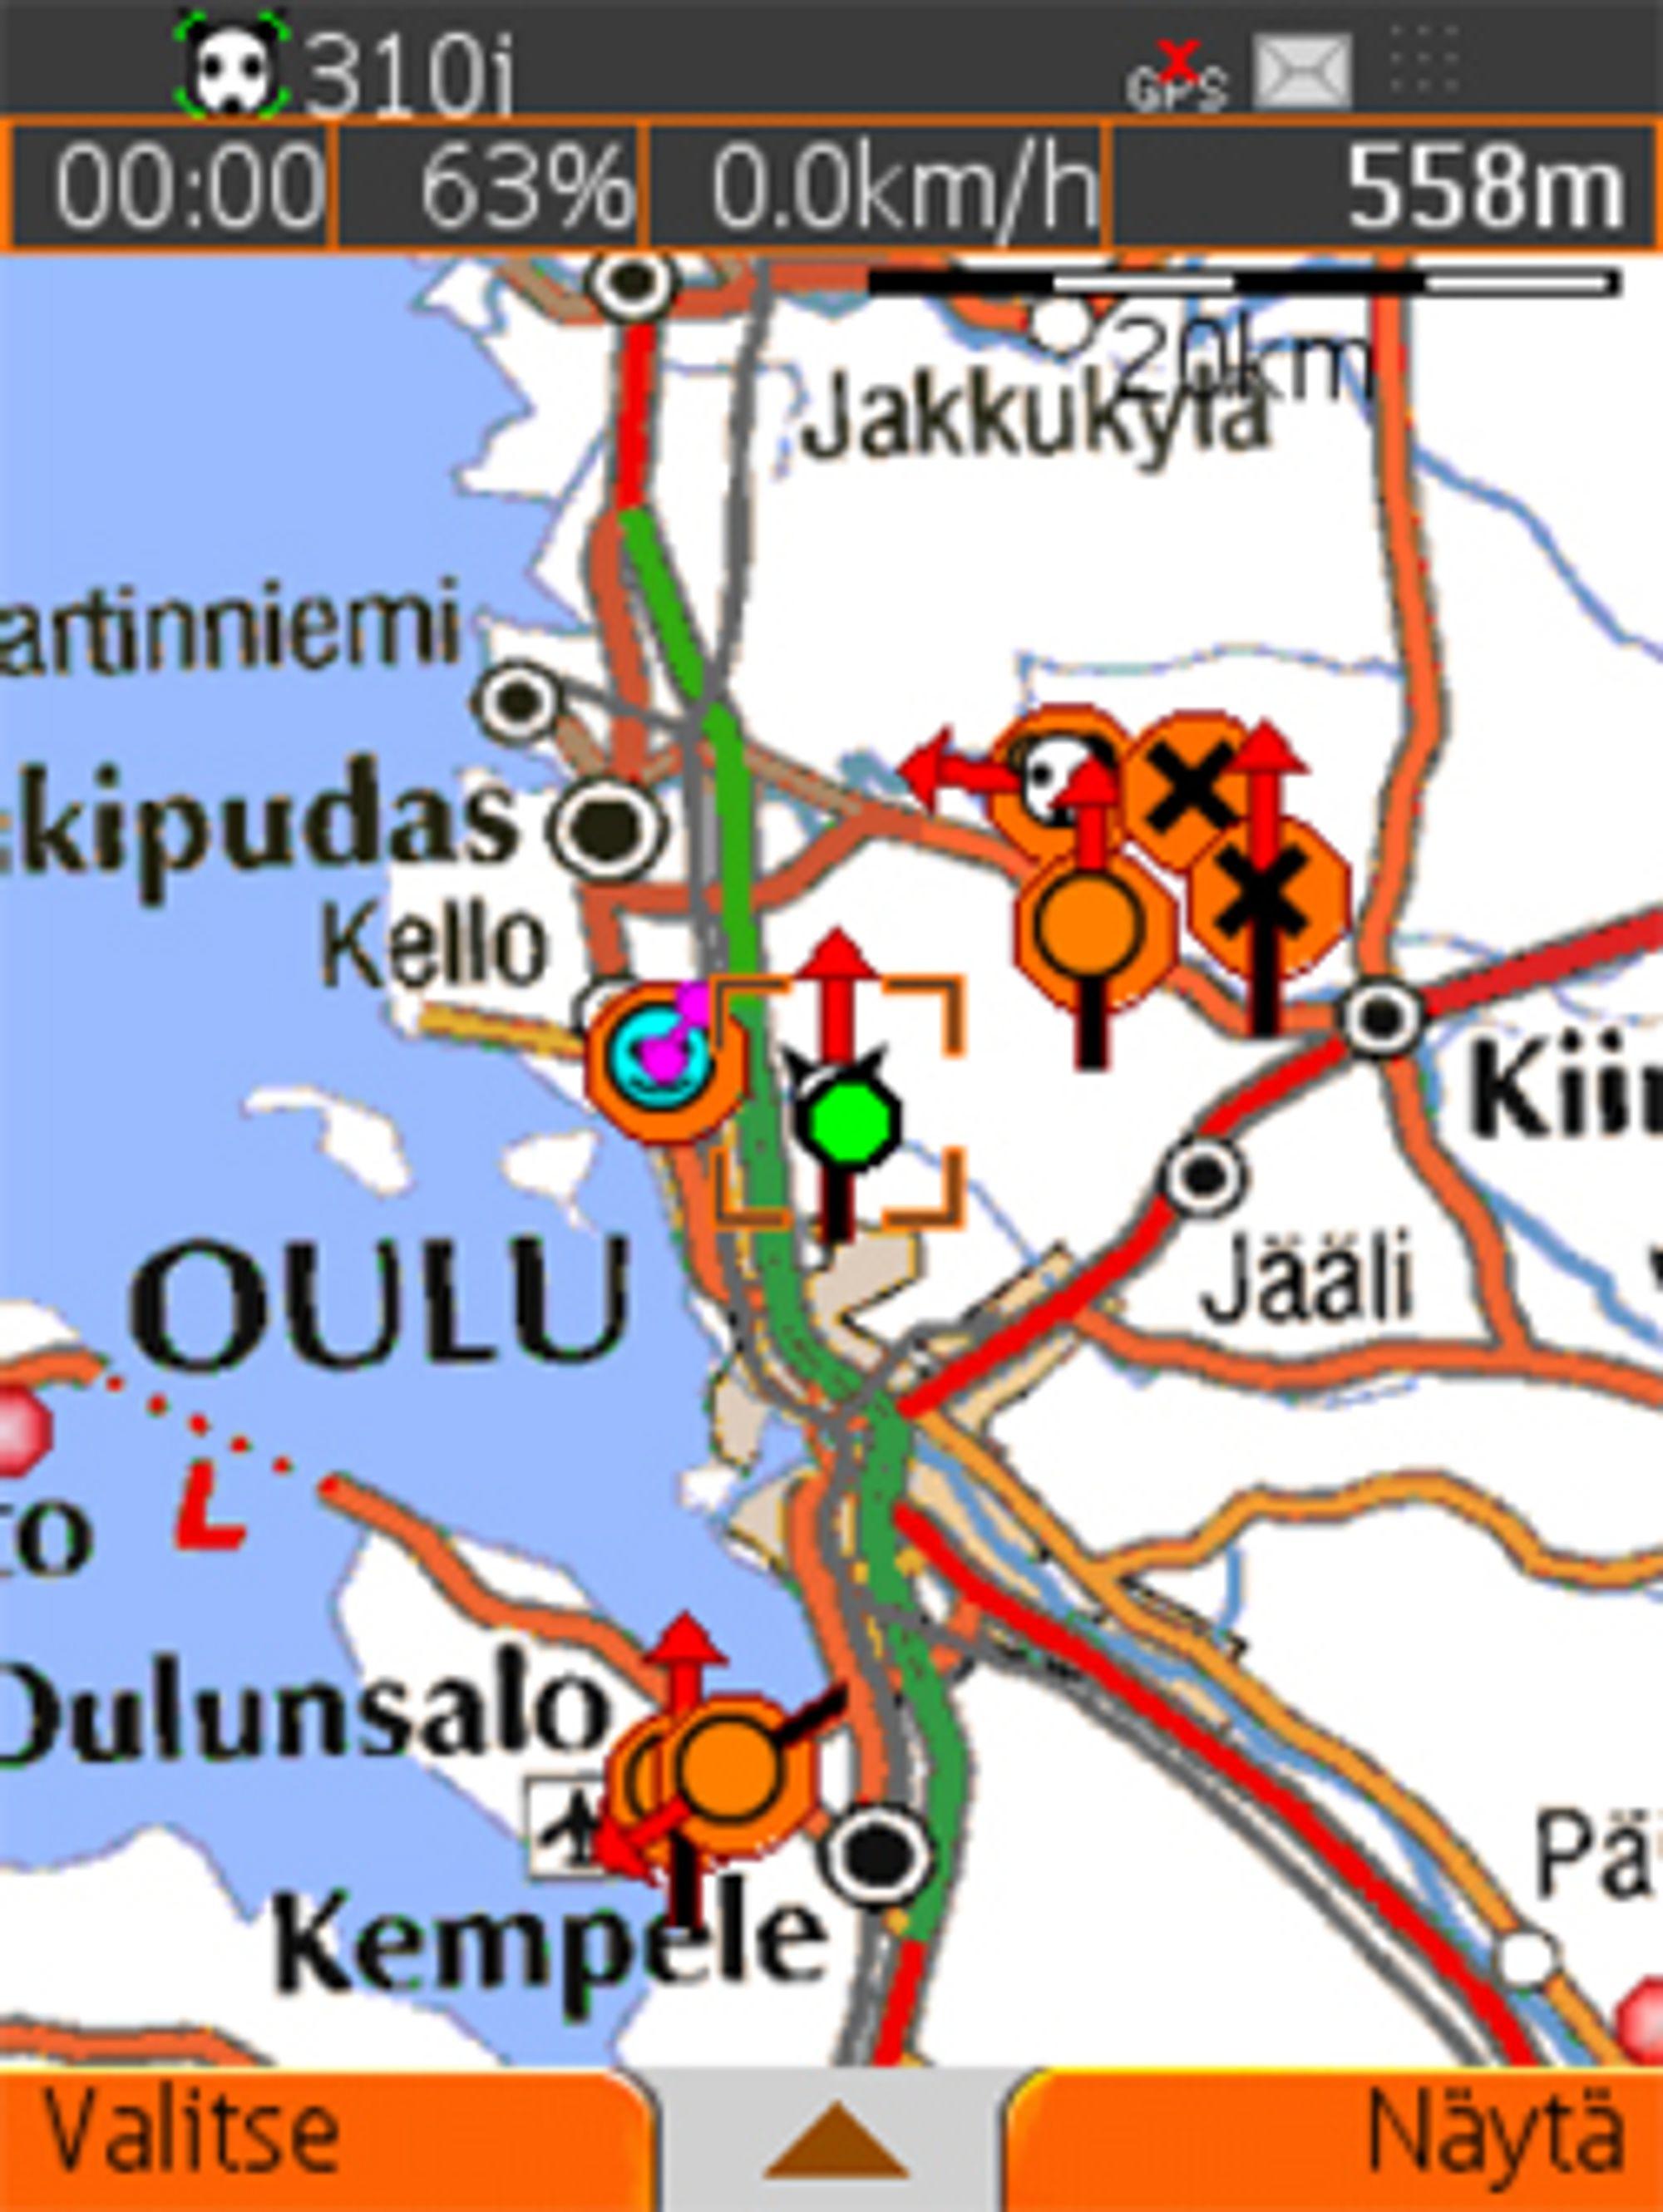 Et kartprogram med topografiske kart er nyttig i fjellet. (Foto: Tracker.fi)